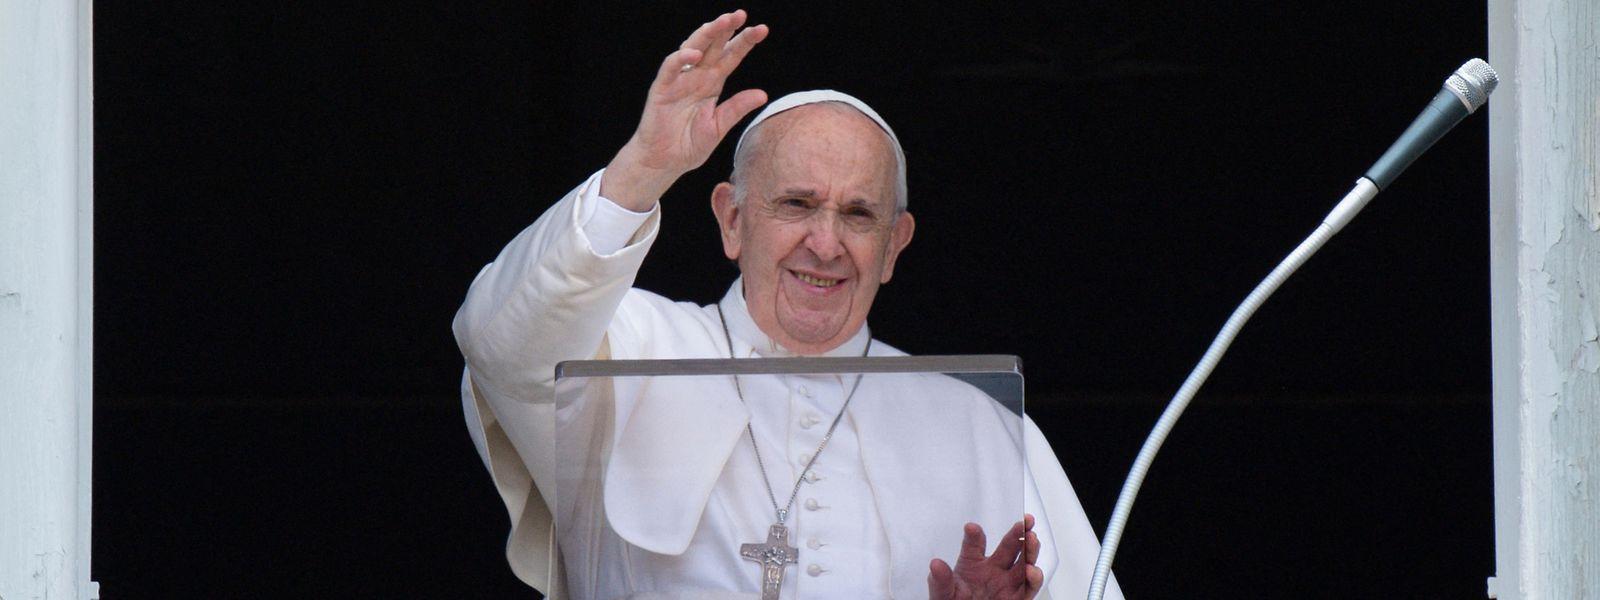 Francisco saudou alegremente o público na Praça de São Pedro, no Vaticano, este domingo, antes de ser anunciada publicamente a cirugia.